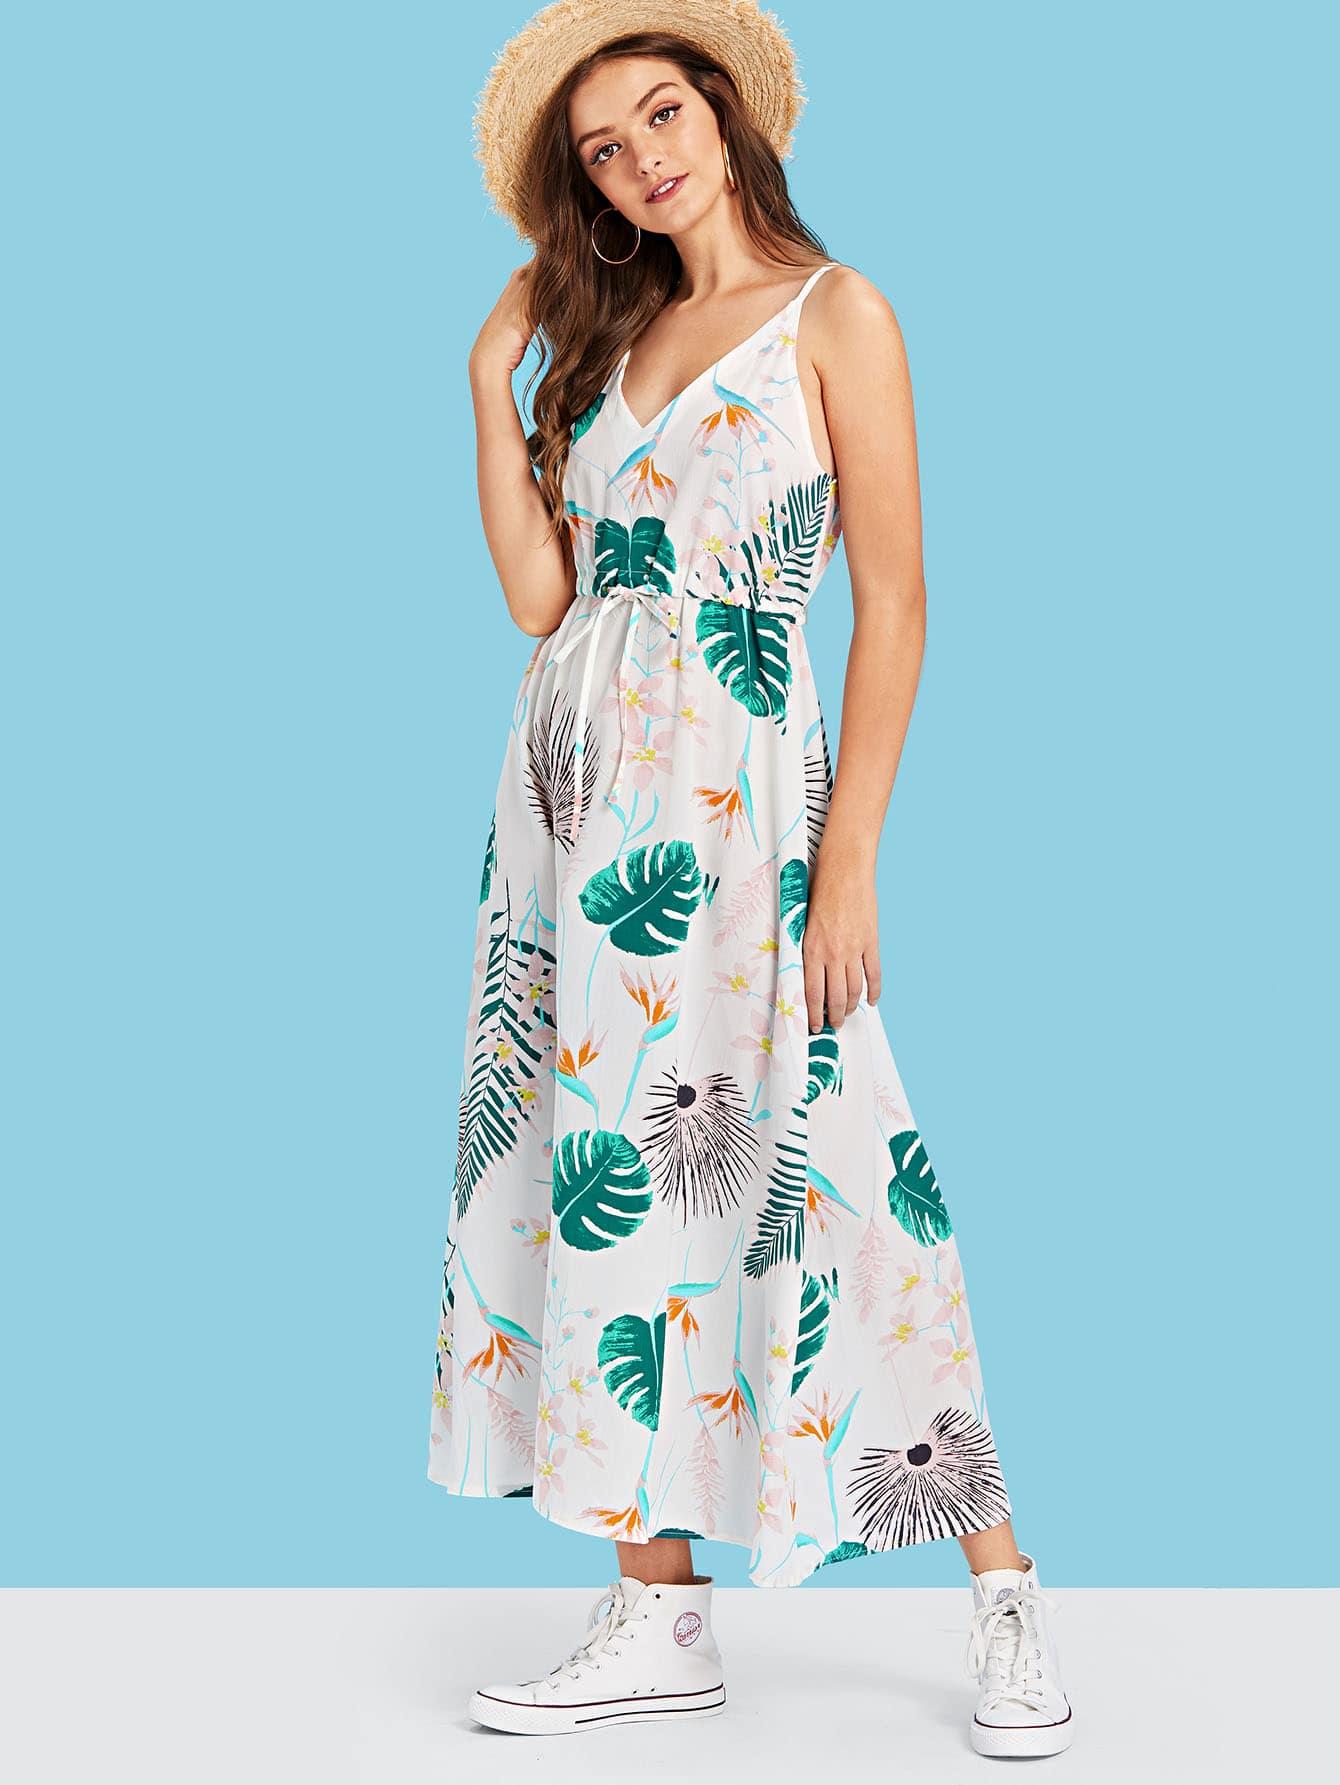 Ками платье с рисунком листьев и шнуровкой вокруг талии, Luiza, SheIn  - купить со скидкой